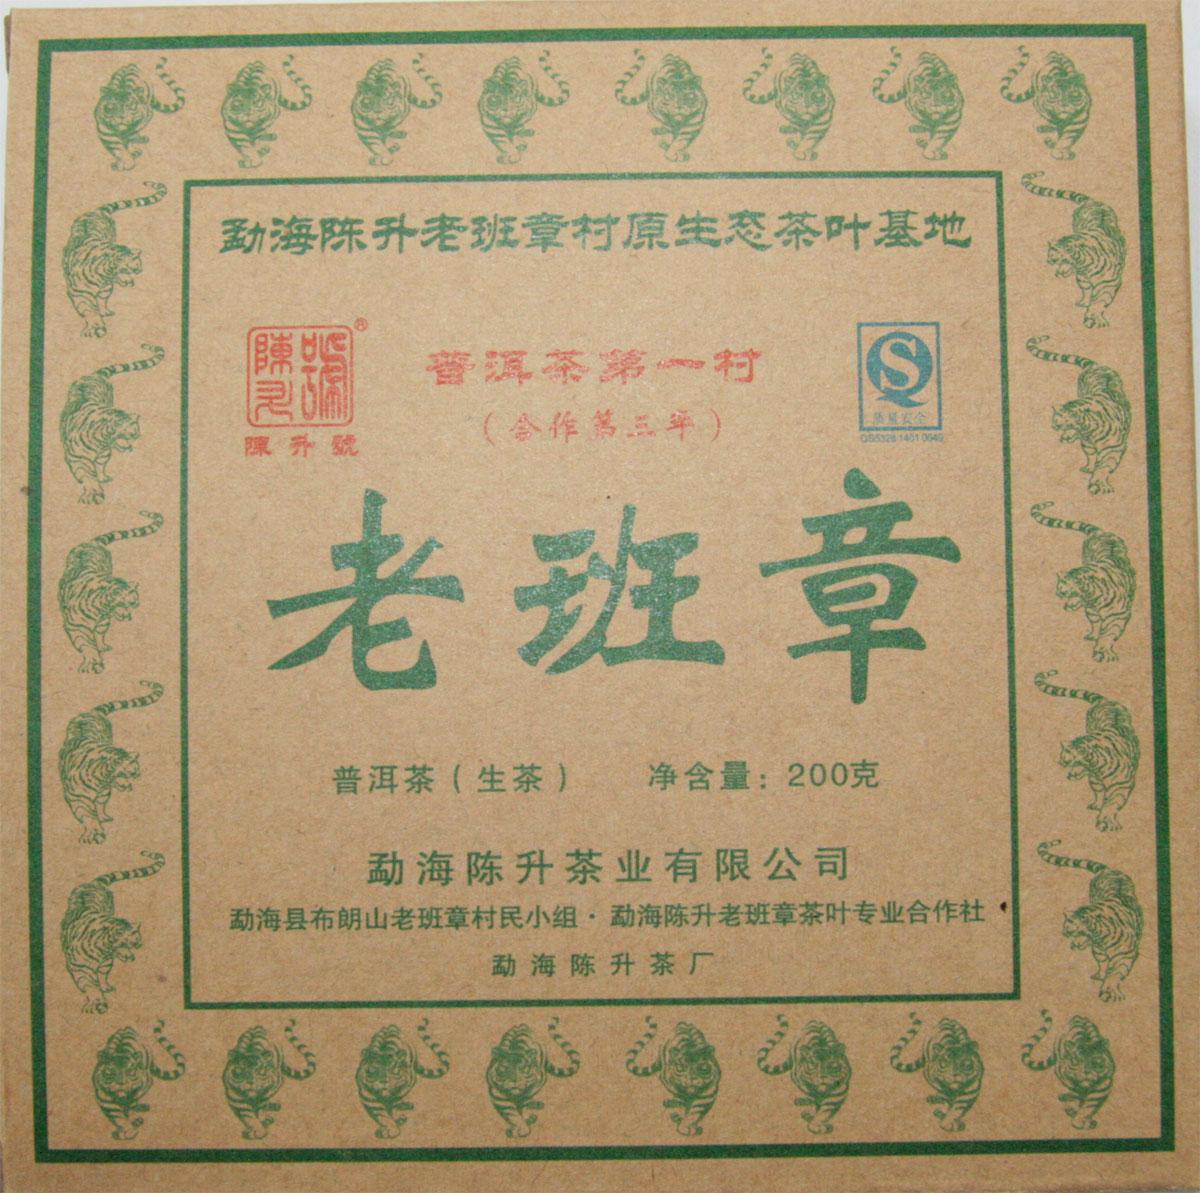 陈升号普洱茶老班章青砖2010年生茶